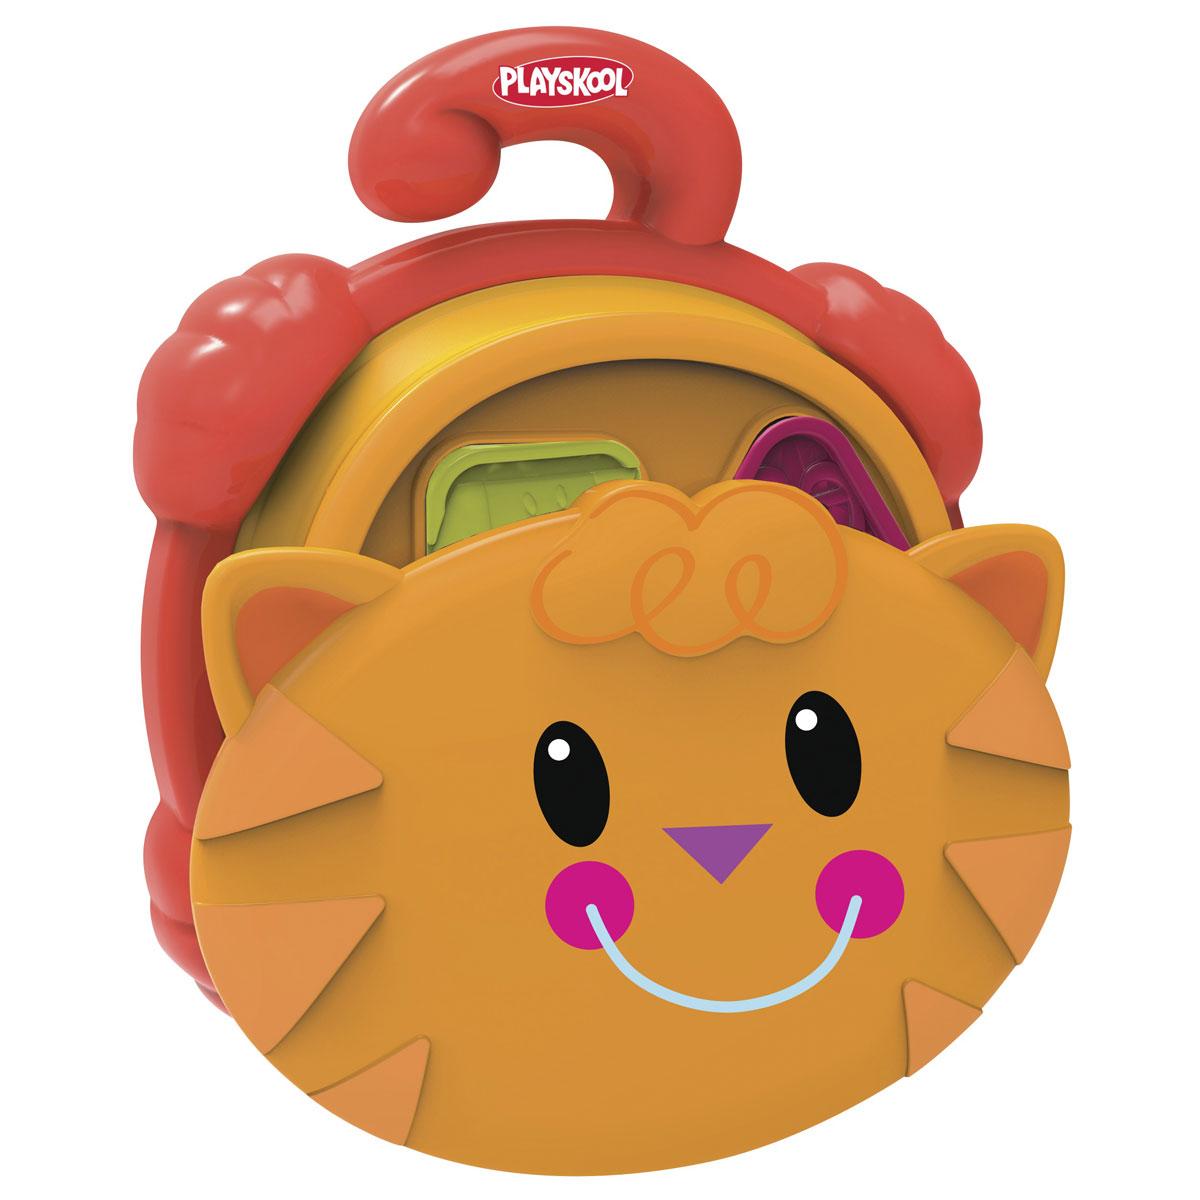 Playskool Развивающая игрушка-сортер Pop-Up Shape SorterB1914EU4Развивающая игрушка-сортер Playskool Pop-Up Shape Sorter непременно понравится вашему малышу. Она выполнена из прочного материала с использованием нетоксичных красок в виде веселой кошачьи мордочки. Игрушка представлена в виде емкости с отверстиями различной формы и набором фигурок, каждая из которых совпадает по форме с тем или иным отверстием. У этого сортера четыре вида отверстий и, соответственно, фигурок. Каждая фигурка разделяется на две части. Цель ребенка - положить все фигурки в емкость через отверстие соответствующей формы. Игрушку можно взять с собой в дорогу или в детский садик. Надавите ладонями на сортер сверху, и он сложится как телескоп, поместите фигурки внутрь и закройте крышку. В таком состоянии игрушка без труда помещается в сумку. Игры с игрушкой-сортером учат малыша лучше распознавать окружающие предметы, развивают моторику и логическое мышление.